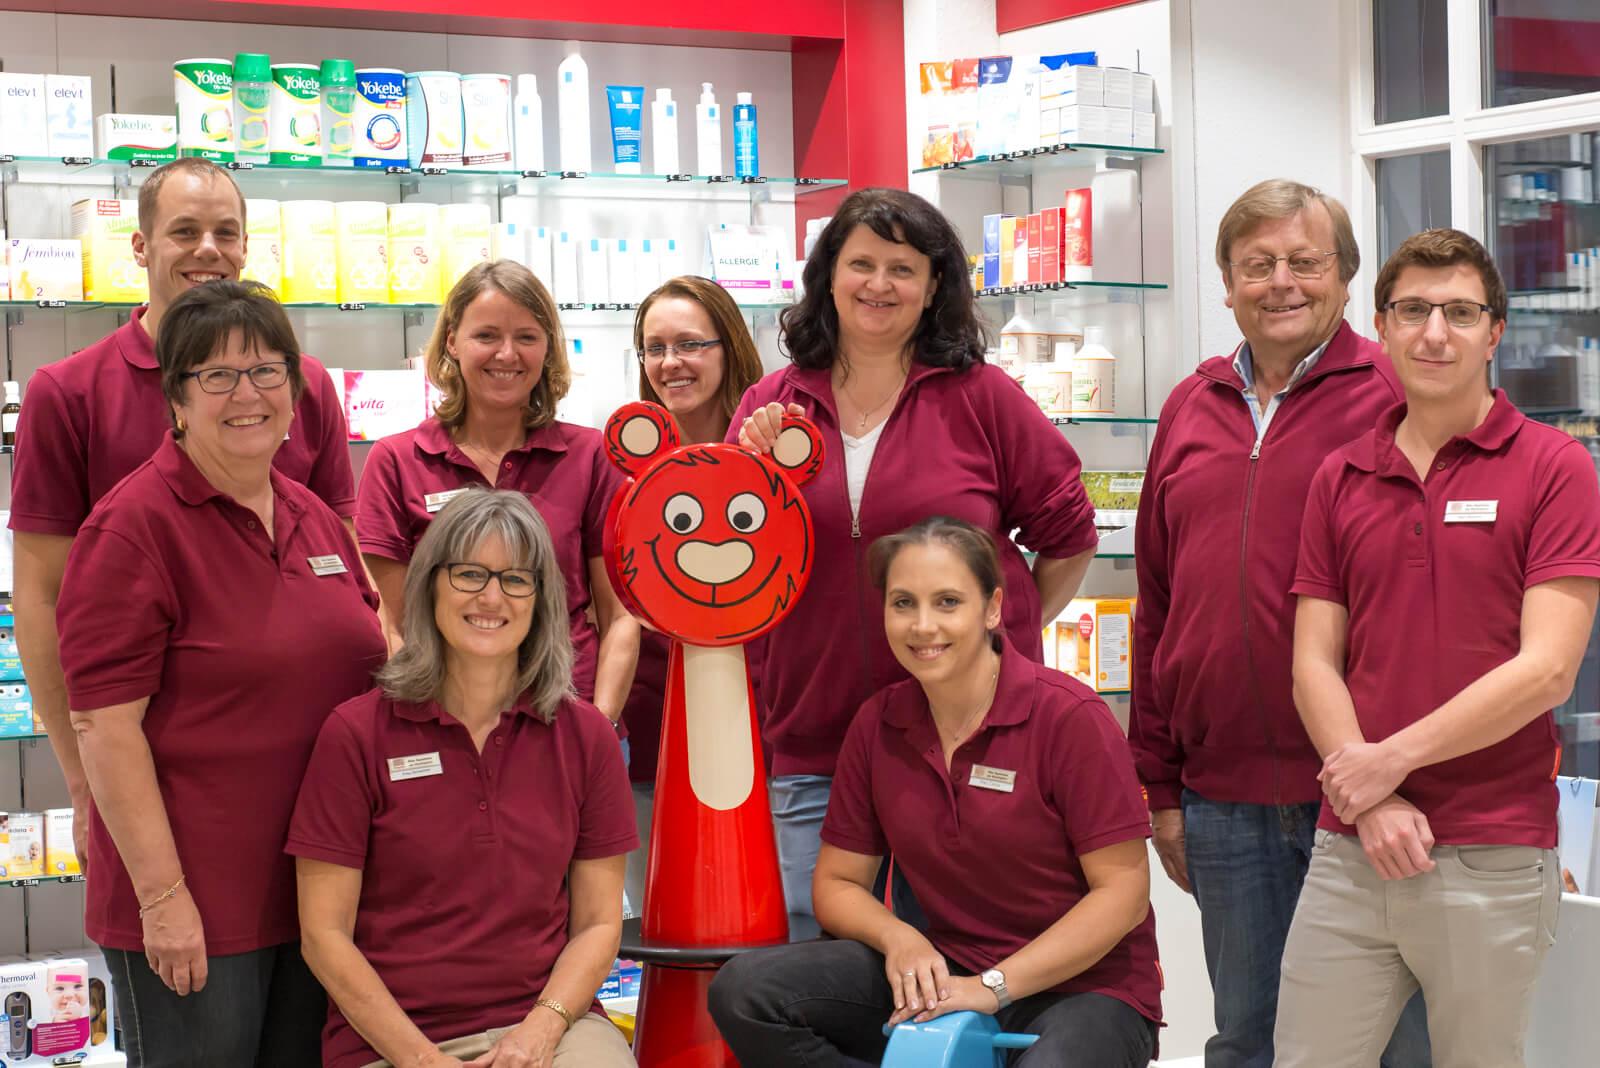 Teamfoto Alte Apotheke am Marktplatz Mering